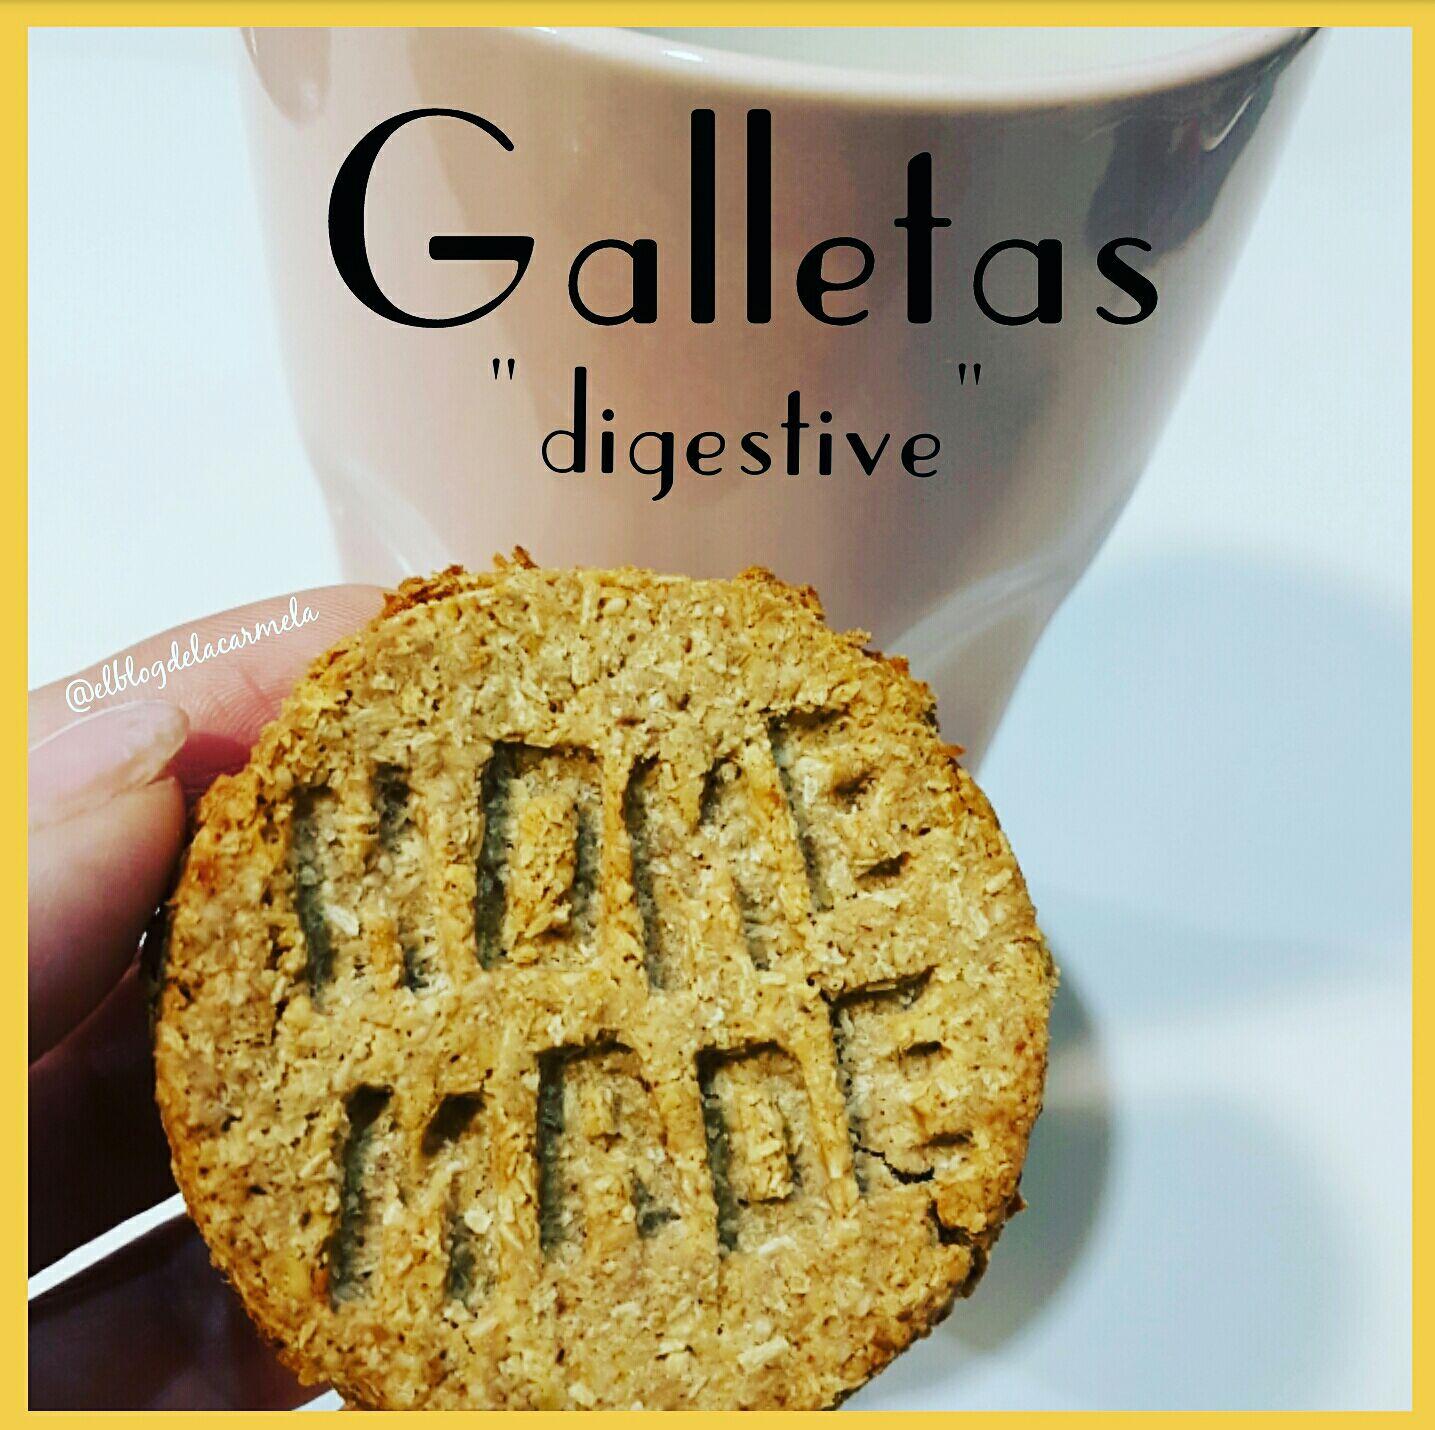 Galletas digestive para adelgazar